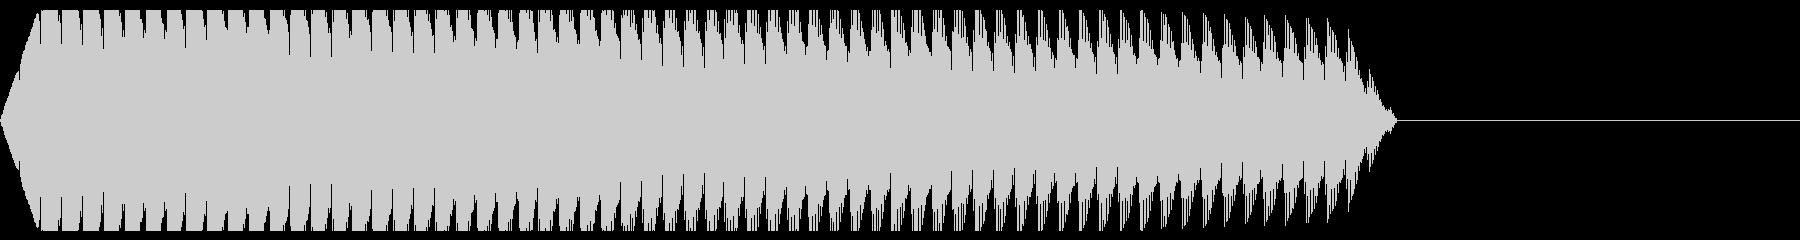 ビー!(エラーアラート/警告/失敗ミスの未再生の波形